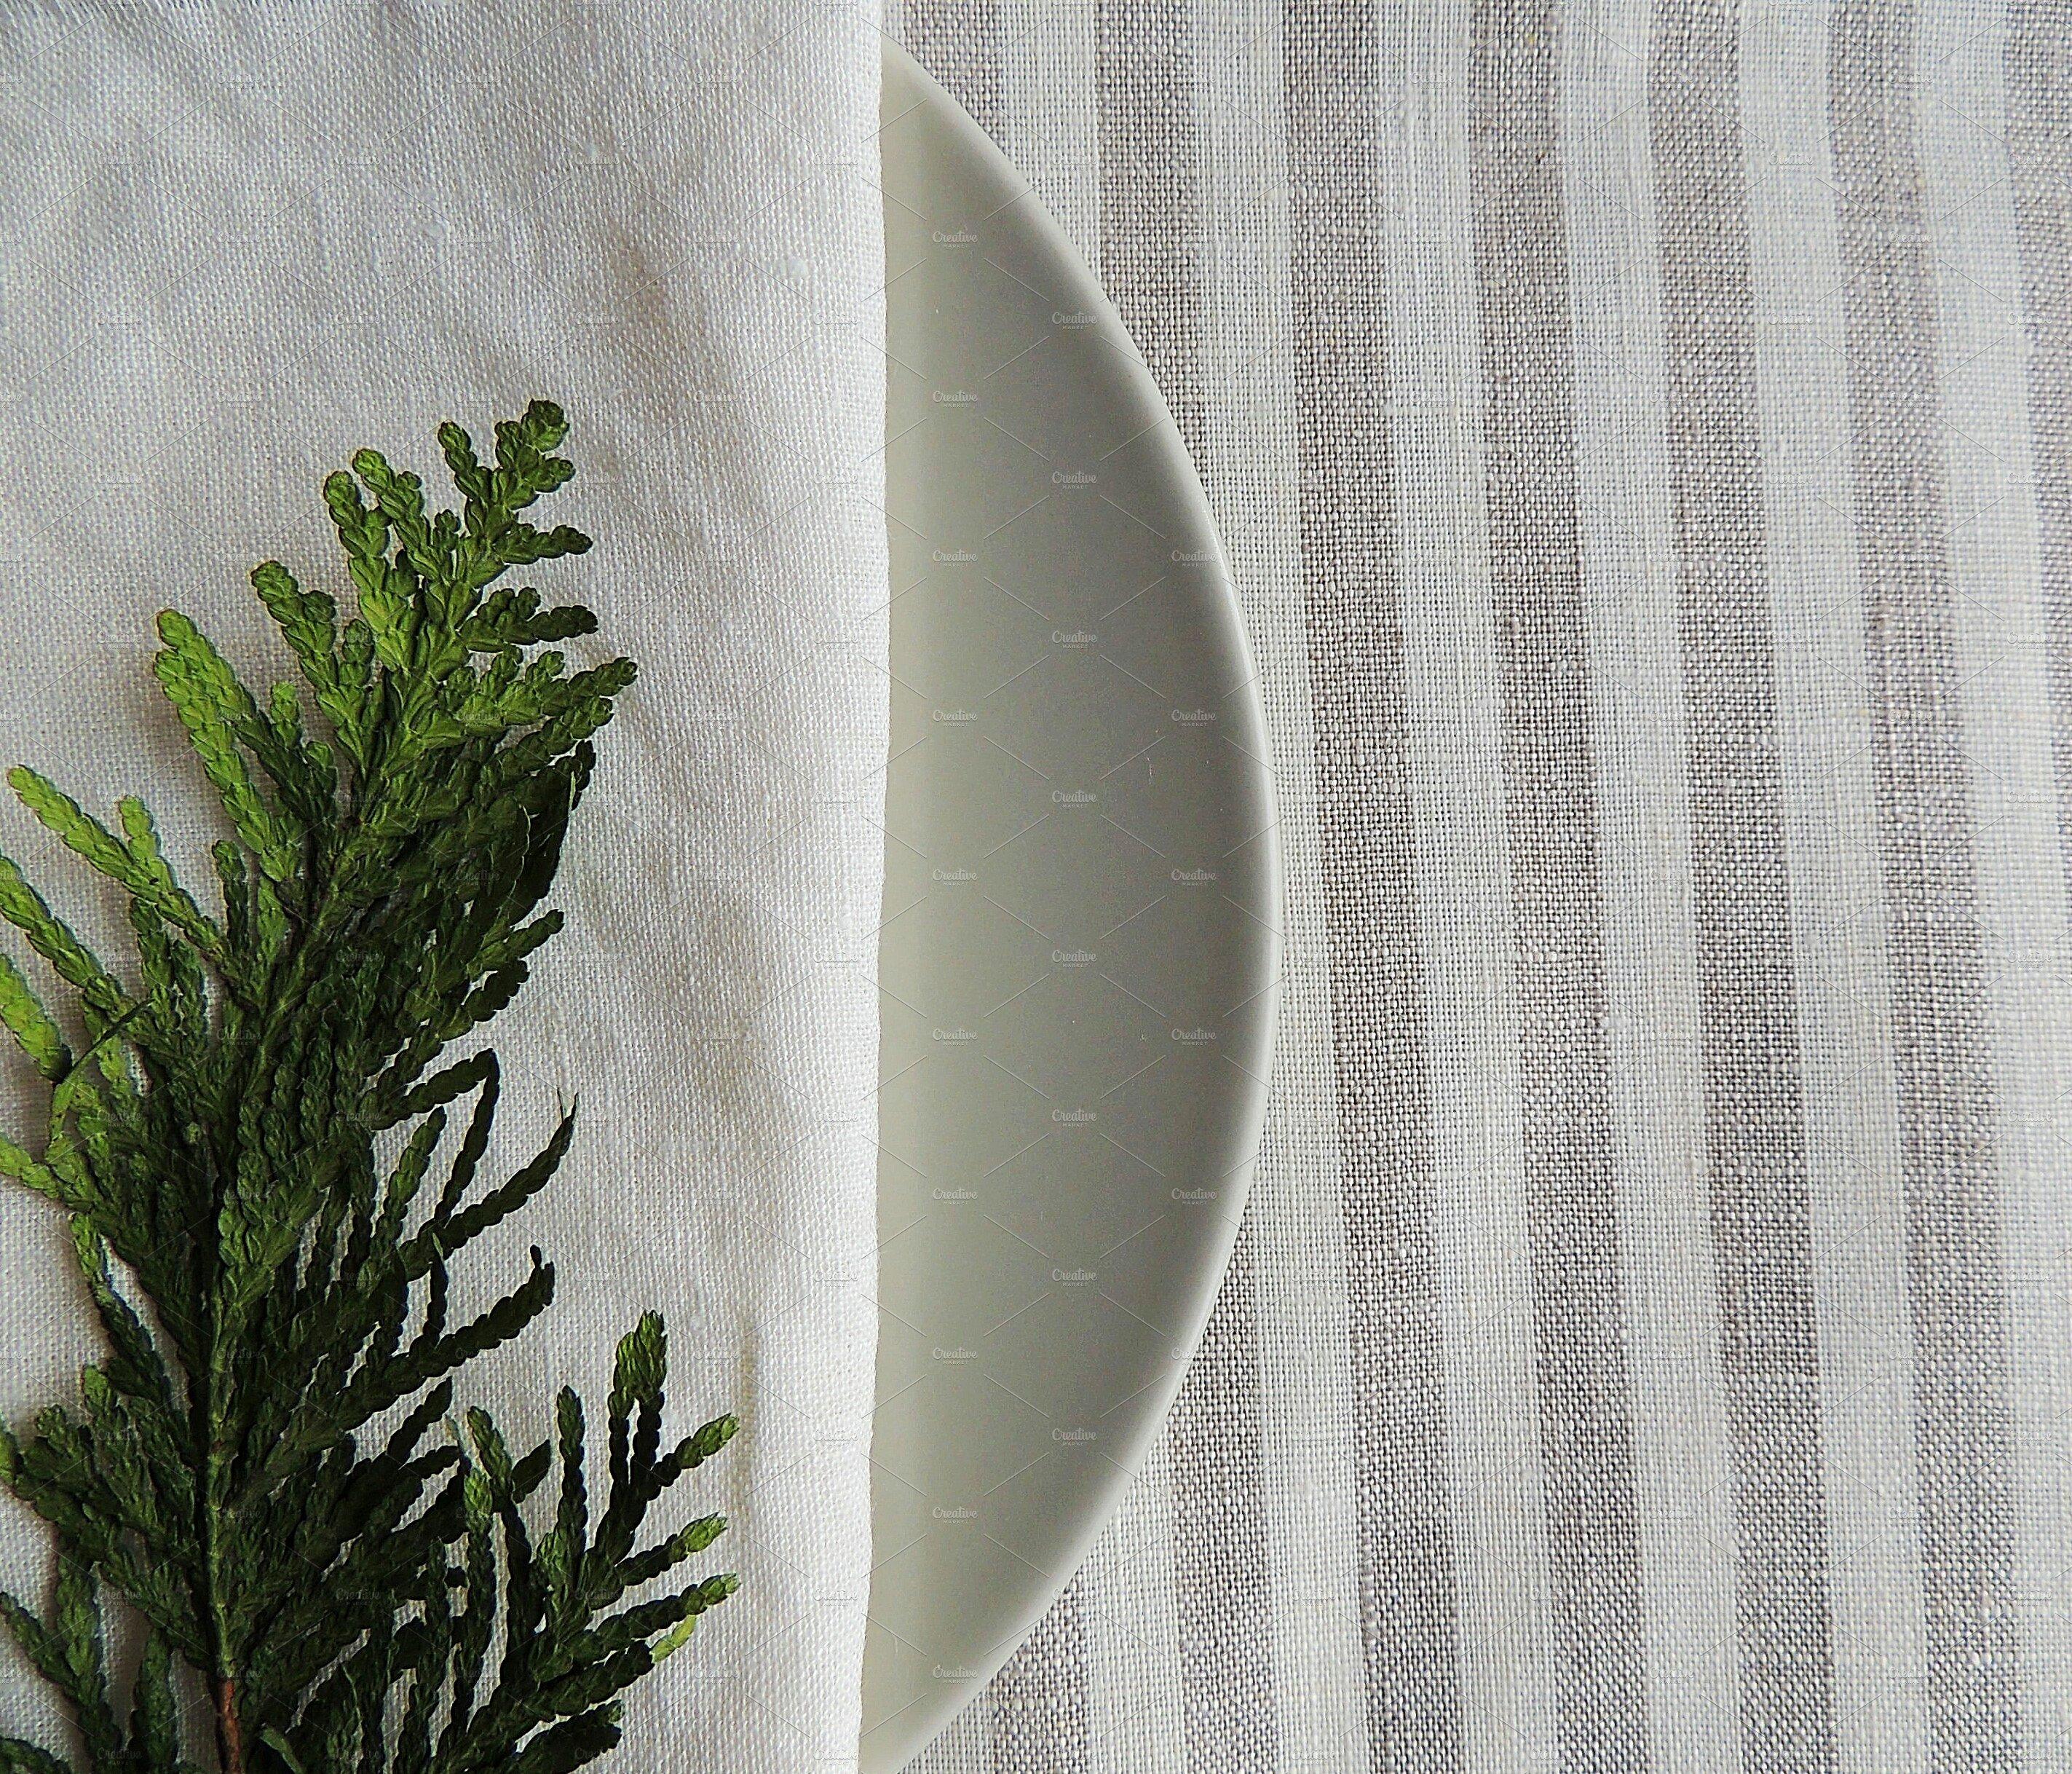 天然亚麻织物束高清图片插图(6)